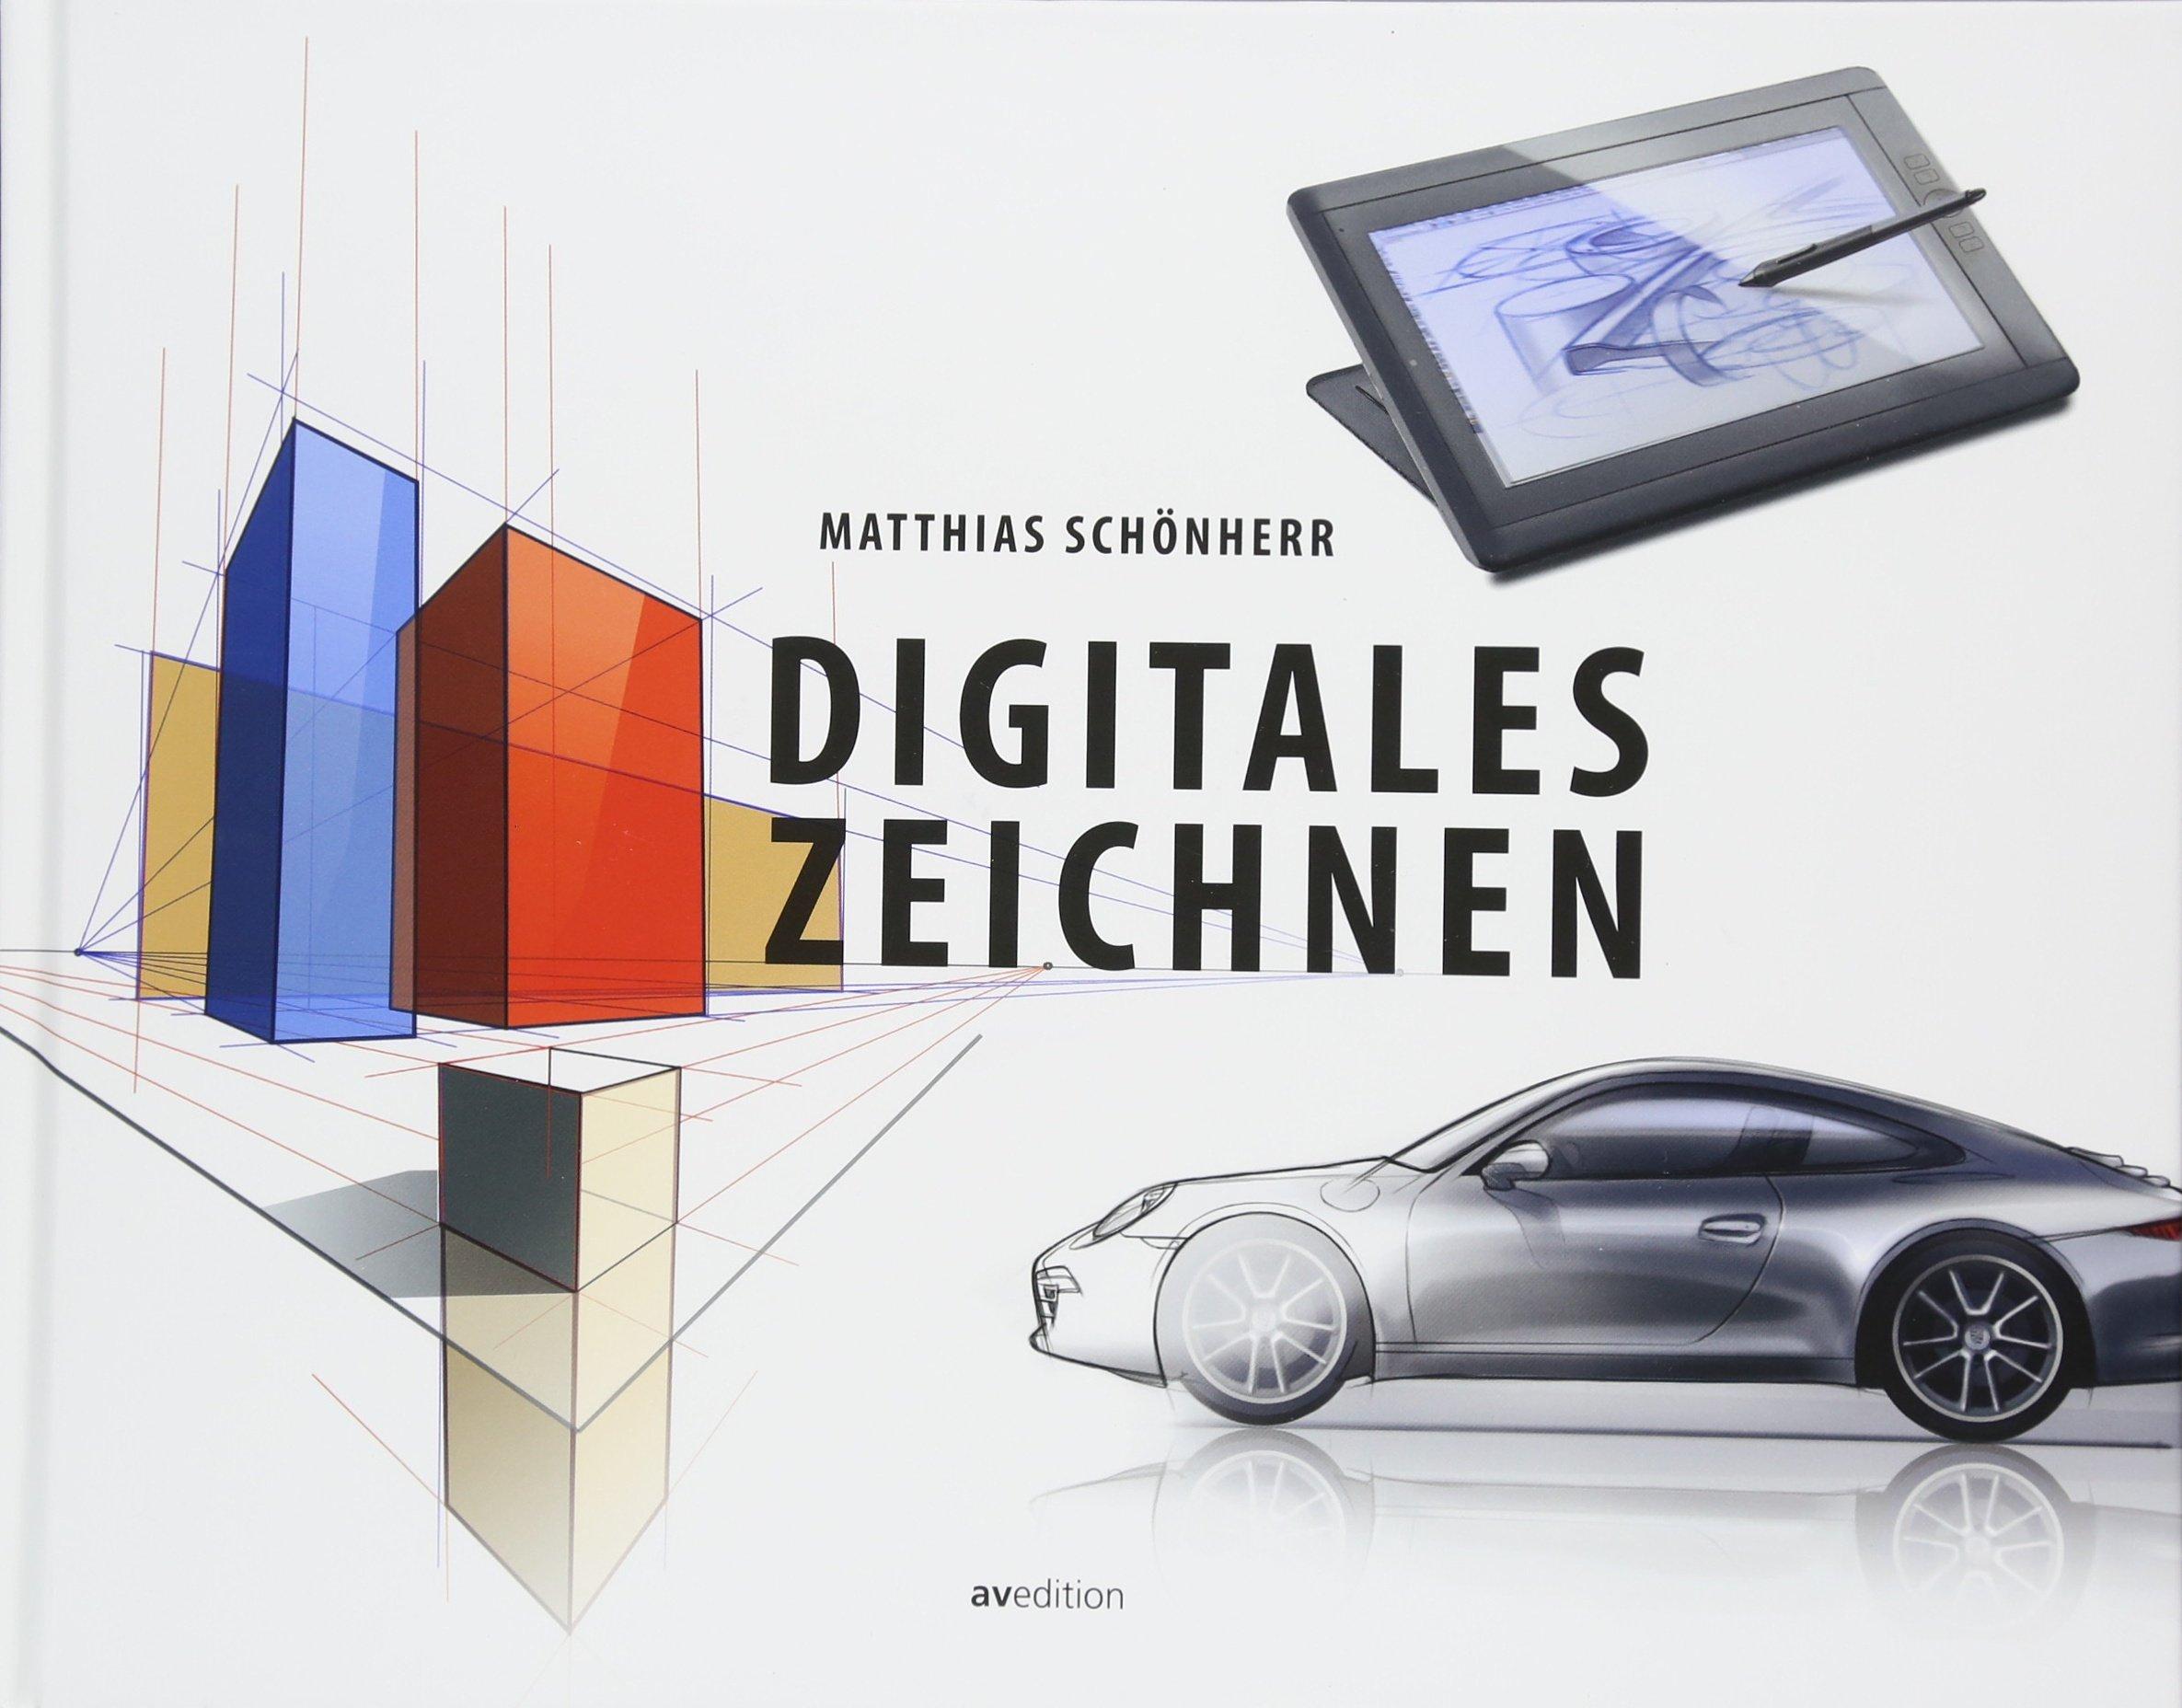 Digitales Zeichnen: Amazon.de: Matthias Schönherr: Bücher